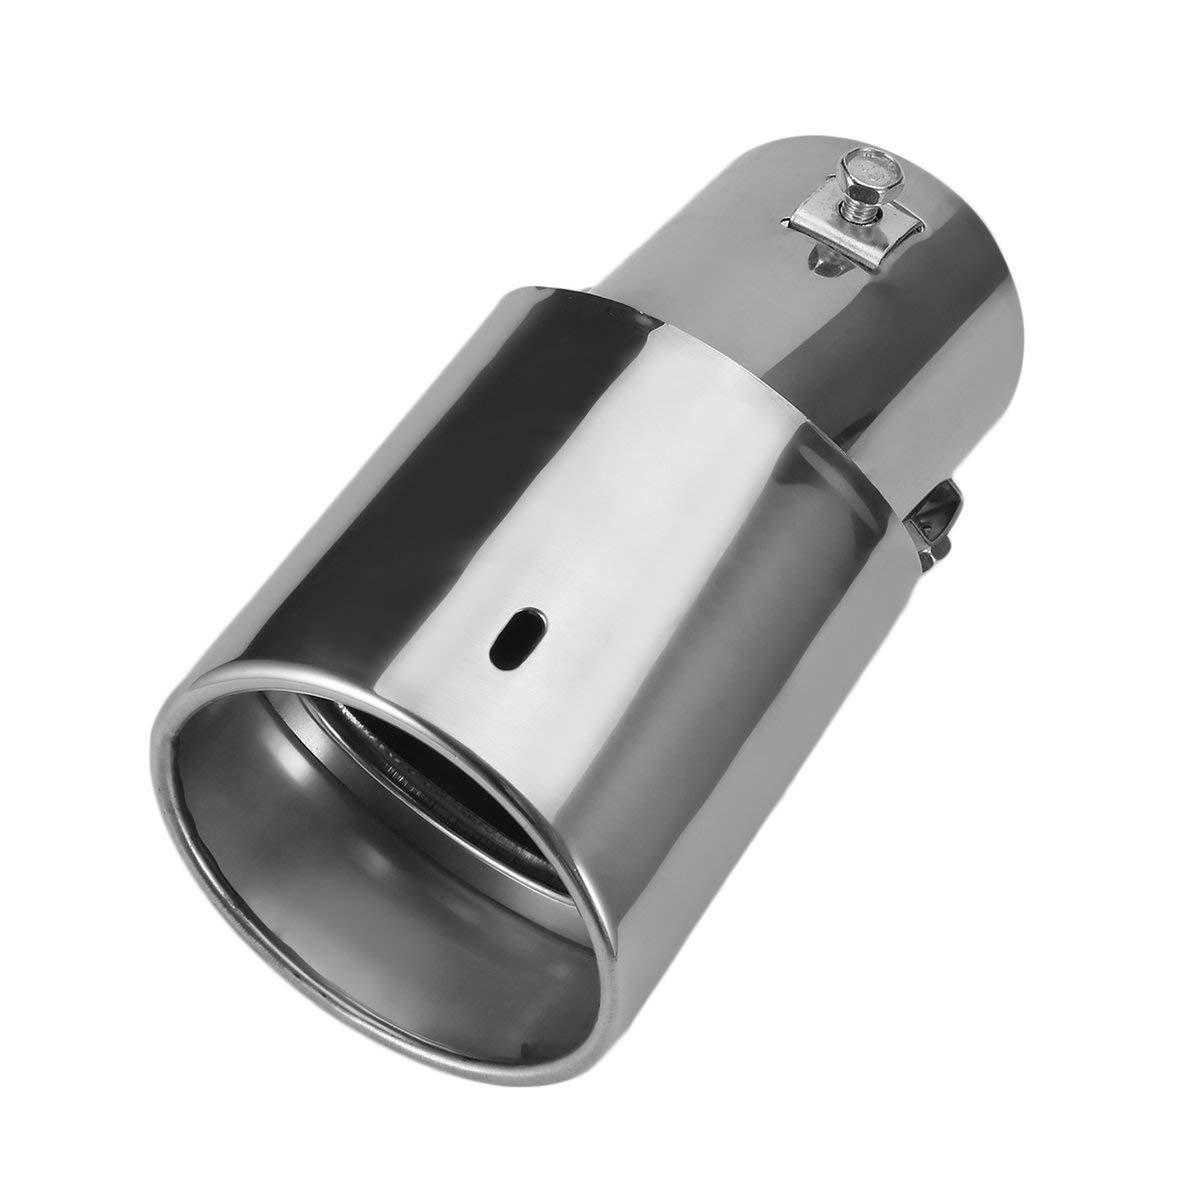 Plateado WEIWEITOE Recto y Curva General Plata Brillante Acero Inoxidable Tubo de Escape autom/ático Silenciador Modificado Modificado Garganta de Cola